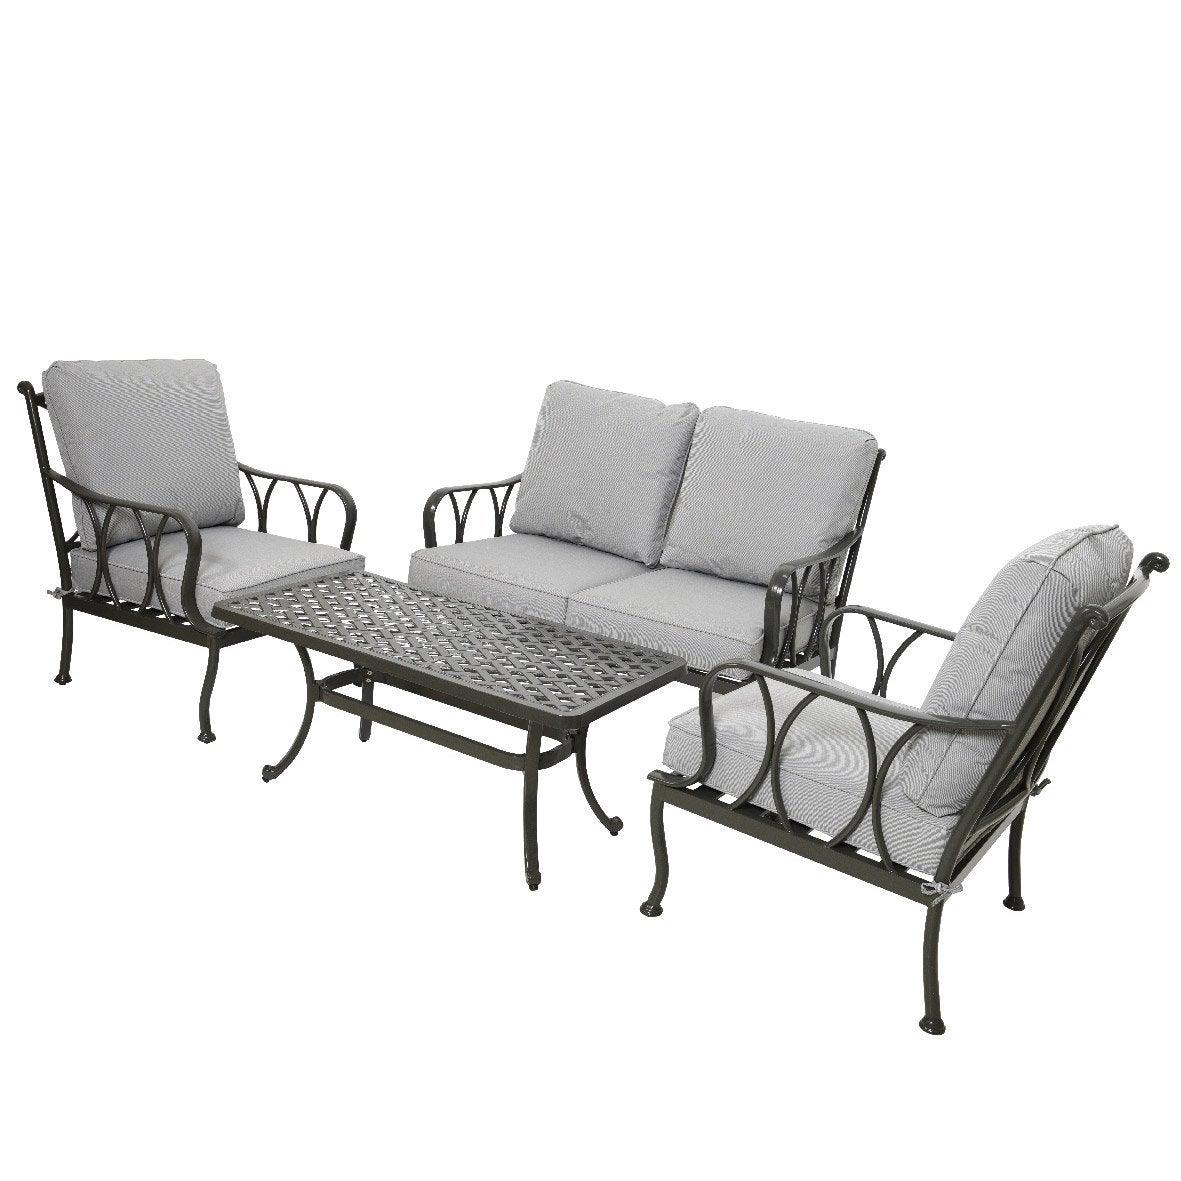 Salon bas de jardin Charleston gris anthracite, 4 personnes